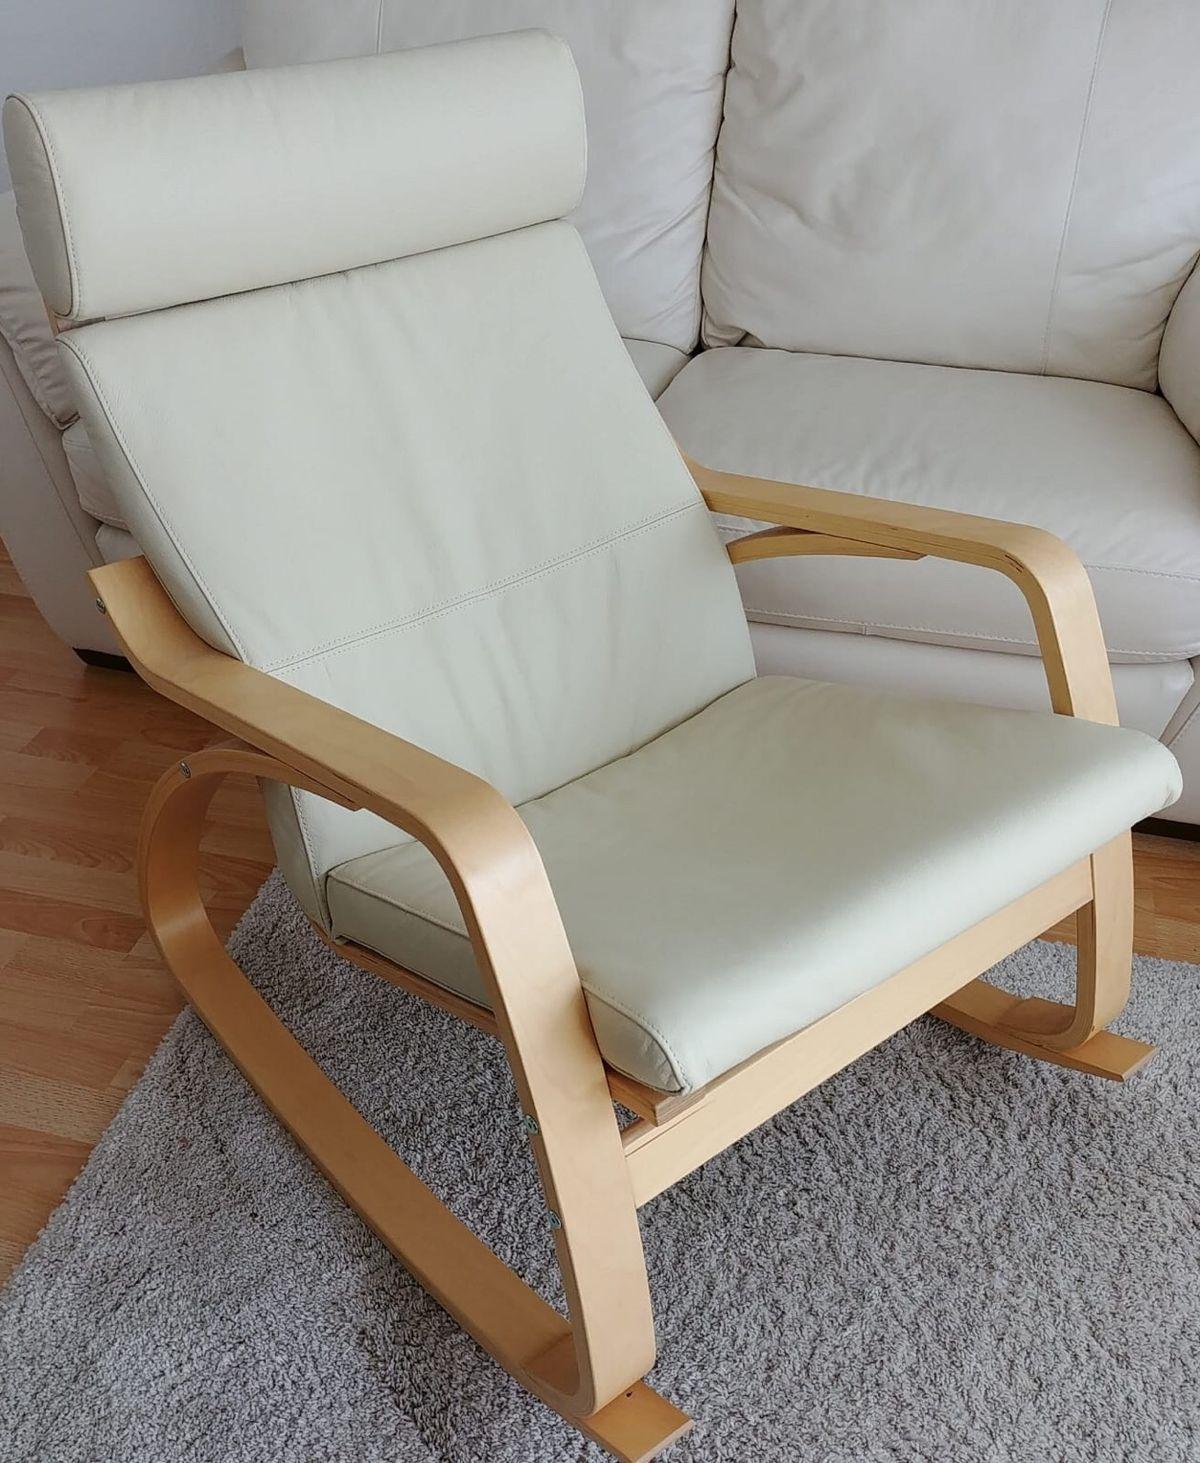 B Ware Möbel Ikea